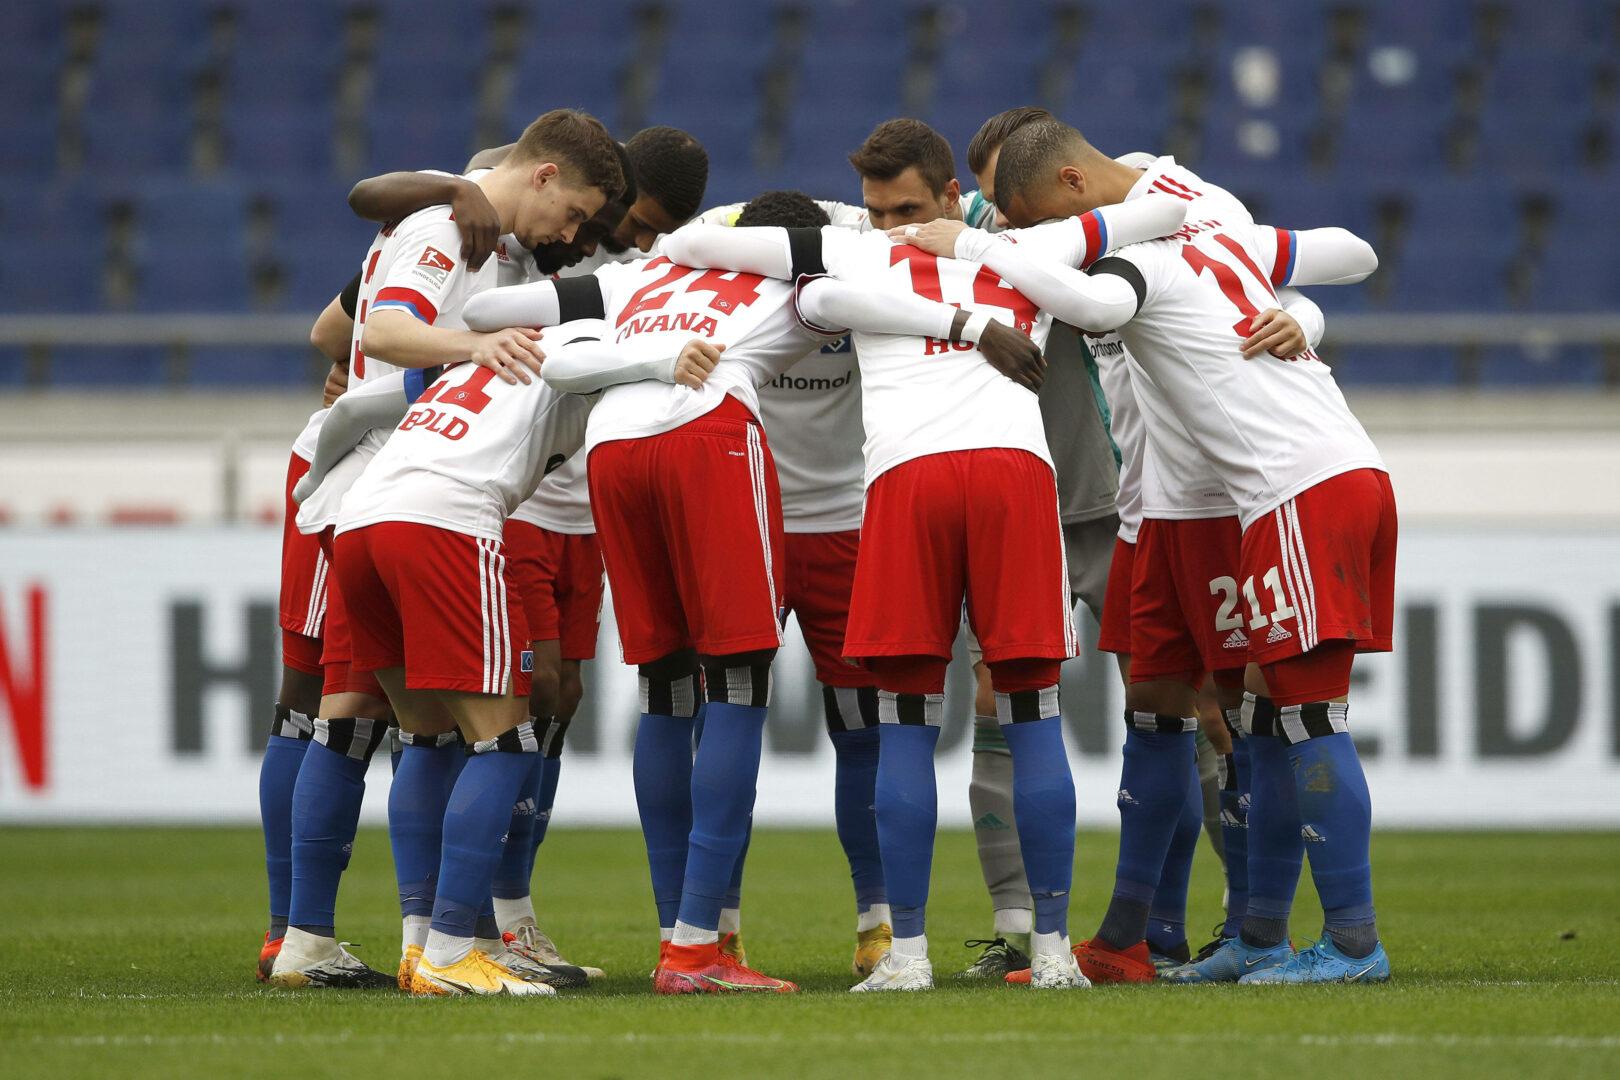 Vorschau |S04, Werder, HSV, Fortuna: Die stärkste 2. Bundesliga aller Zeiten?